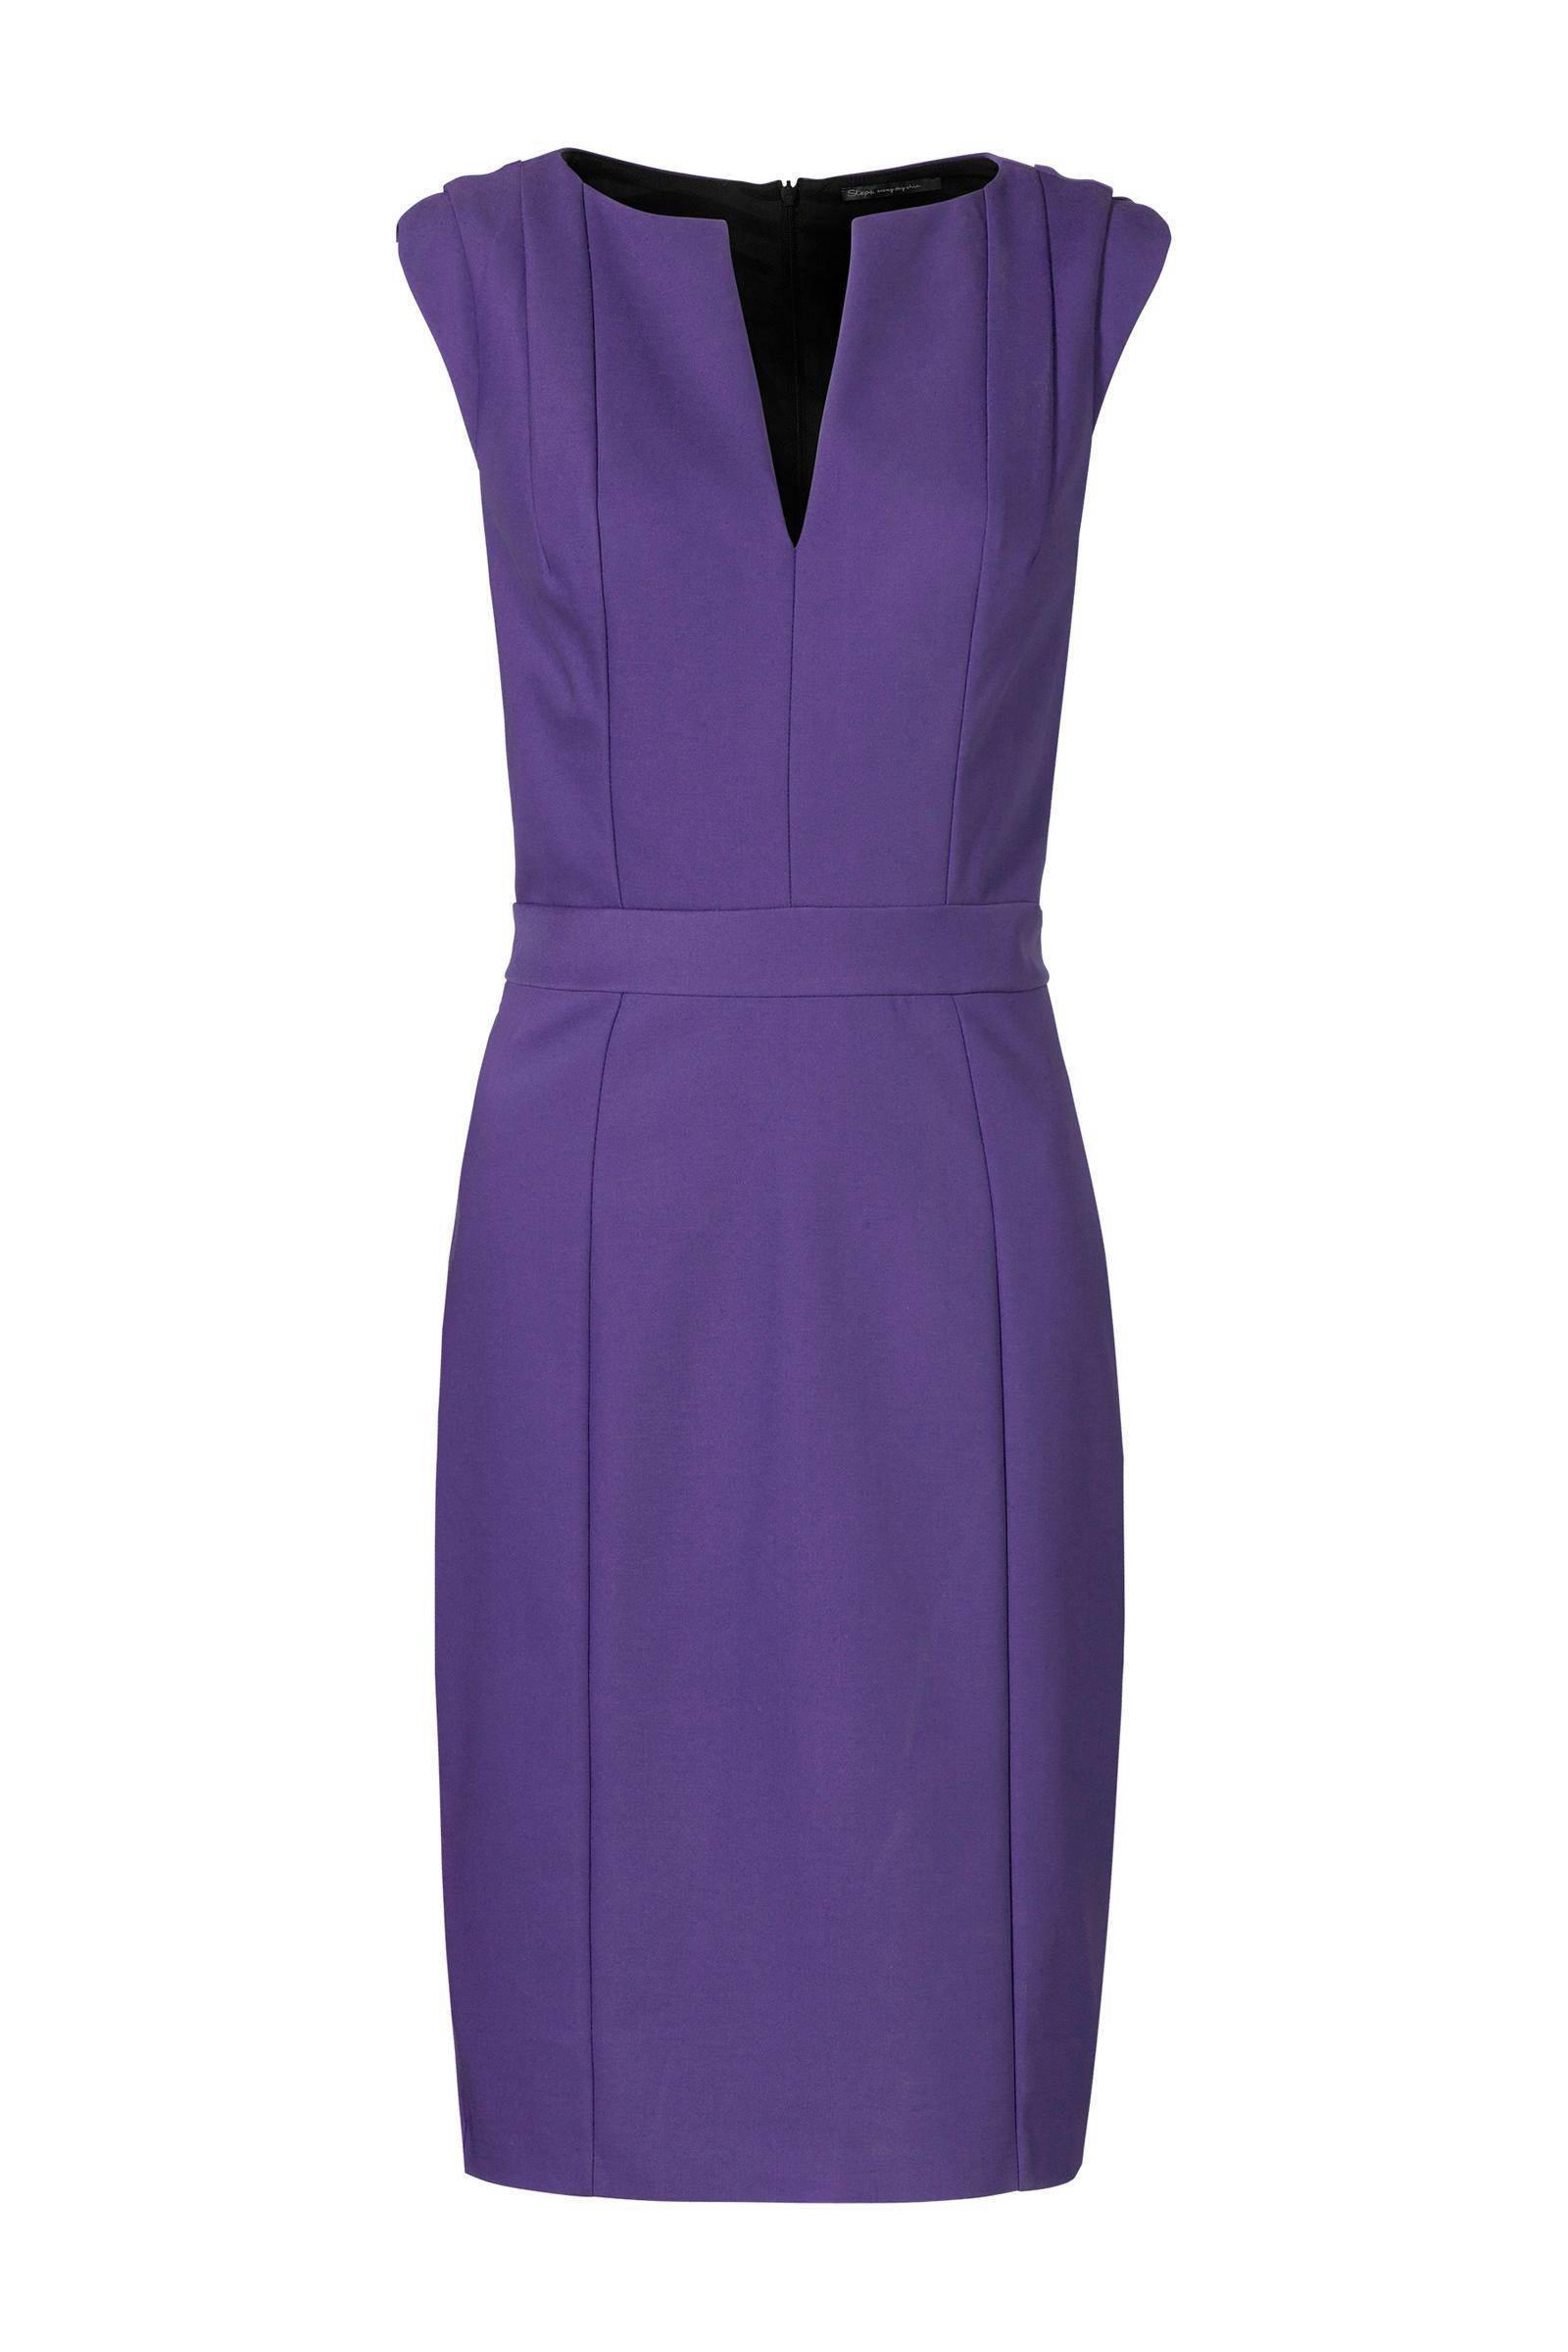 steps paarse jurk